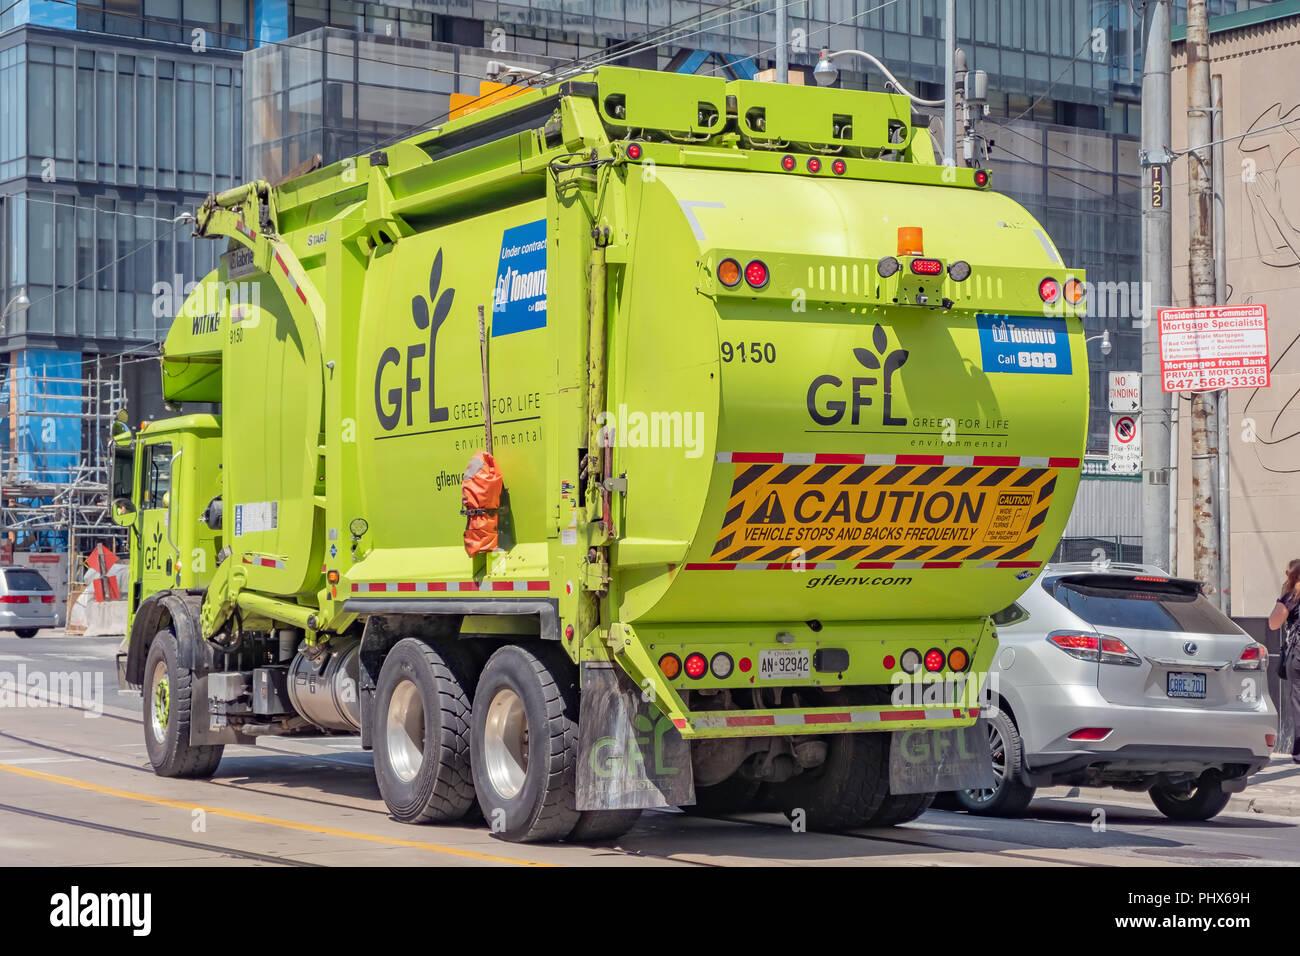 Un verde la gestión de los residuos orgánicos la conducción de camiones en el centro de Toronto, Ontario, Canadá. Imagen De Stock